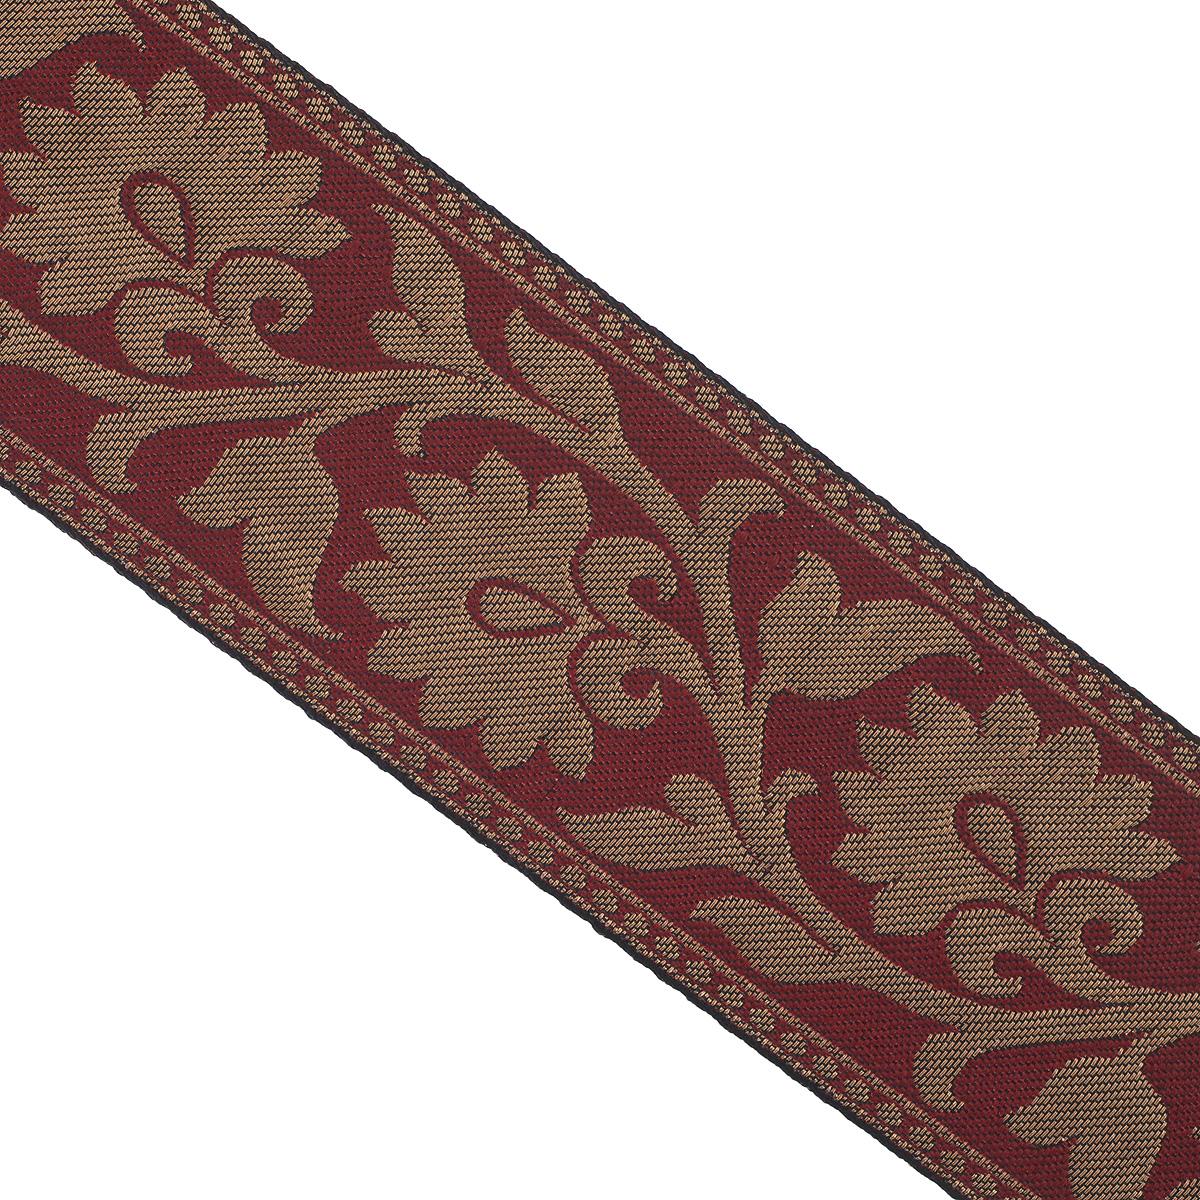 Тесьма декоративная Астра, цвет: бордовый, ширина 6 см, длина 9 м. 77034607703460_т.золото/26Декоративная тесьма Астра выполнена из текстиля и оформлена оригинальным жаккардовым орнаментом. Такая тесьма идеально подойдет для оформления различных творческих работ таких, как скрапбукинг, аппликация, декор коробок и открыток и многое другое. Тесьма наивысшего качества и практична в использовании. Она станет незаменимым элементом в создании рукотворного шедевра. Ширина: 6 см. Длина: 9 м.